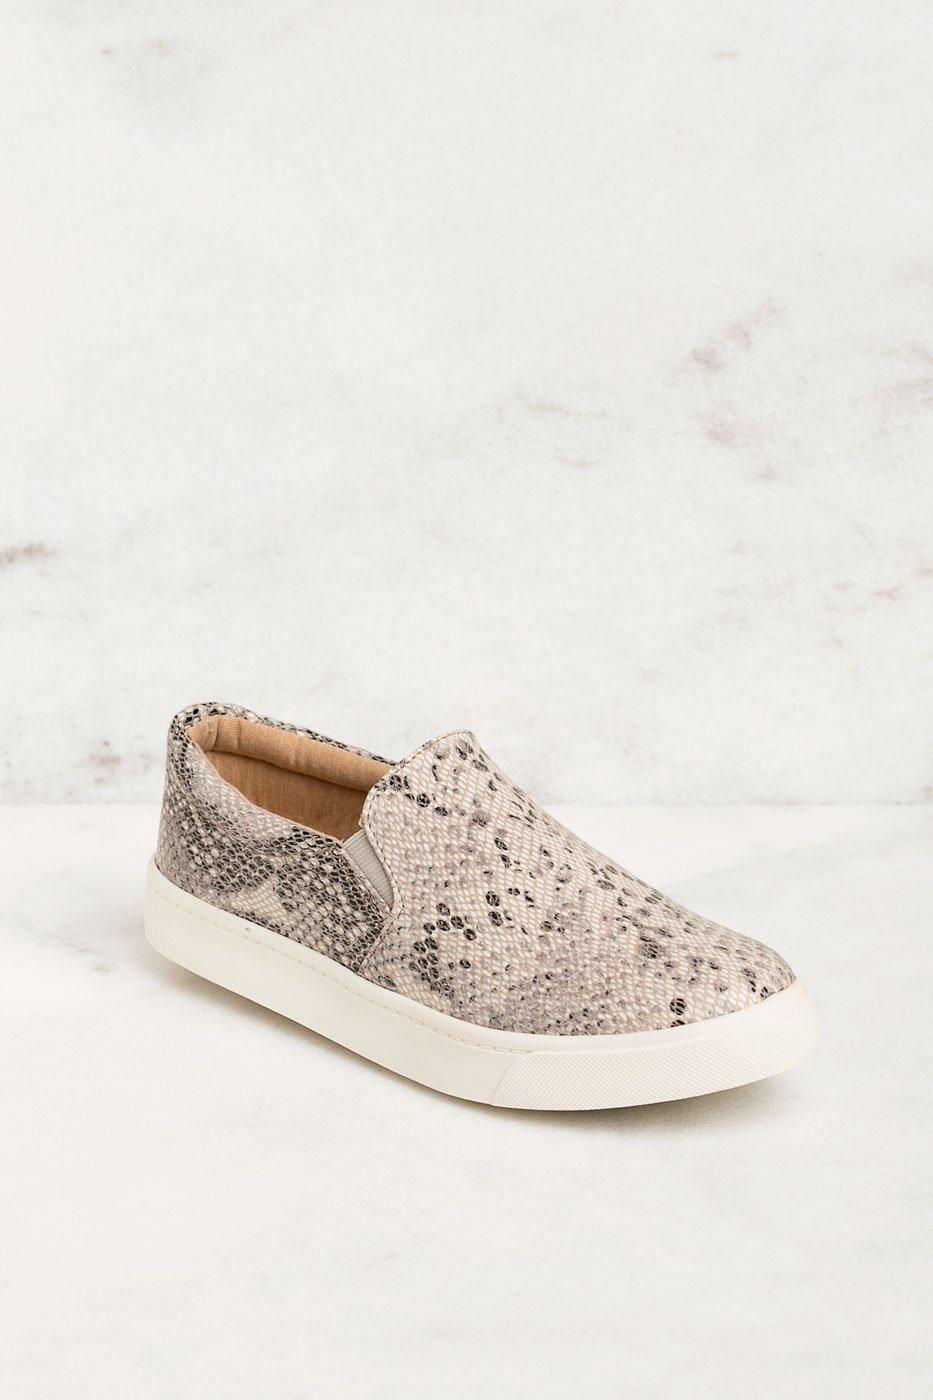 The Glen #Snakeskin Slip-On Sneakers